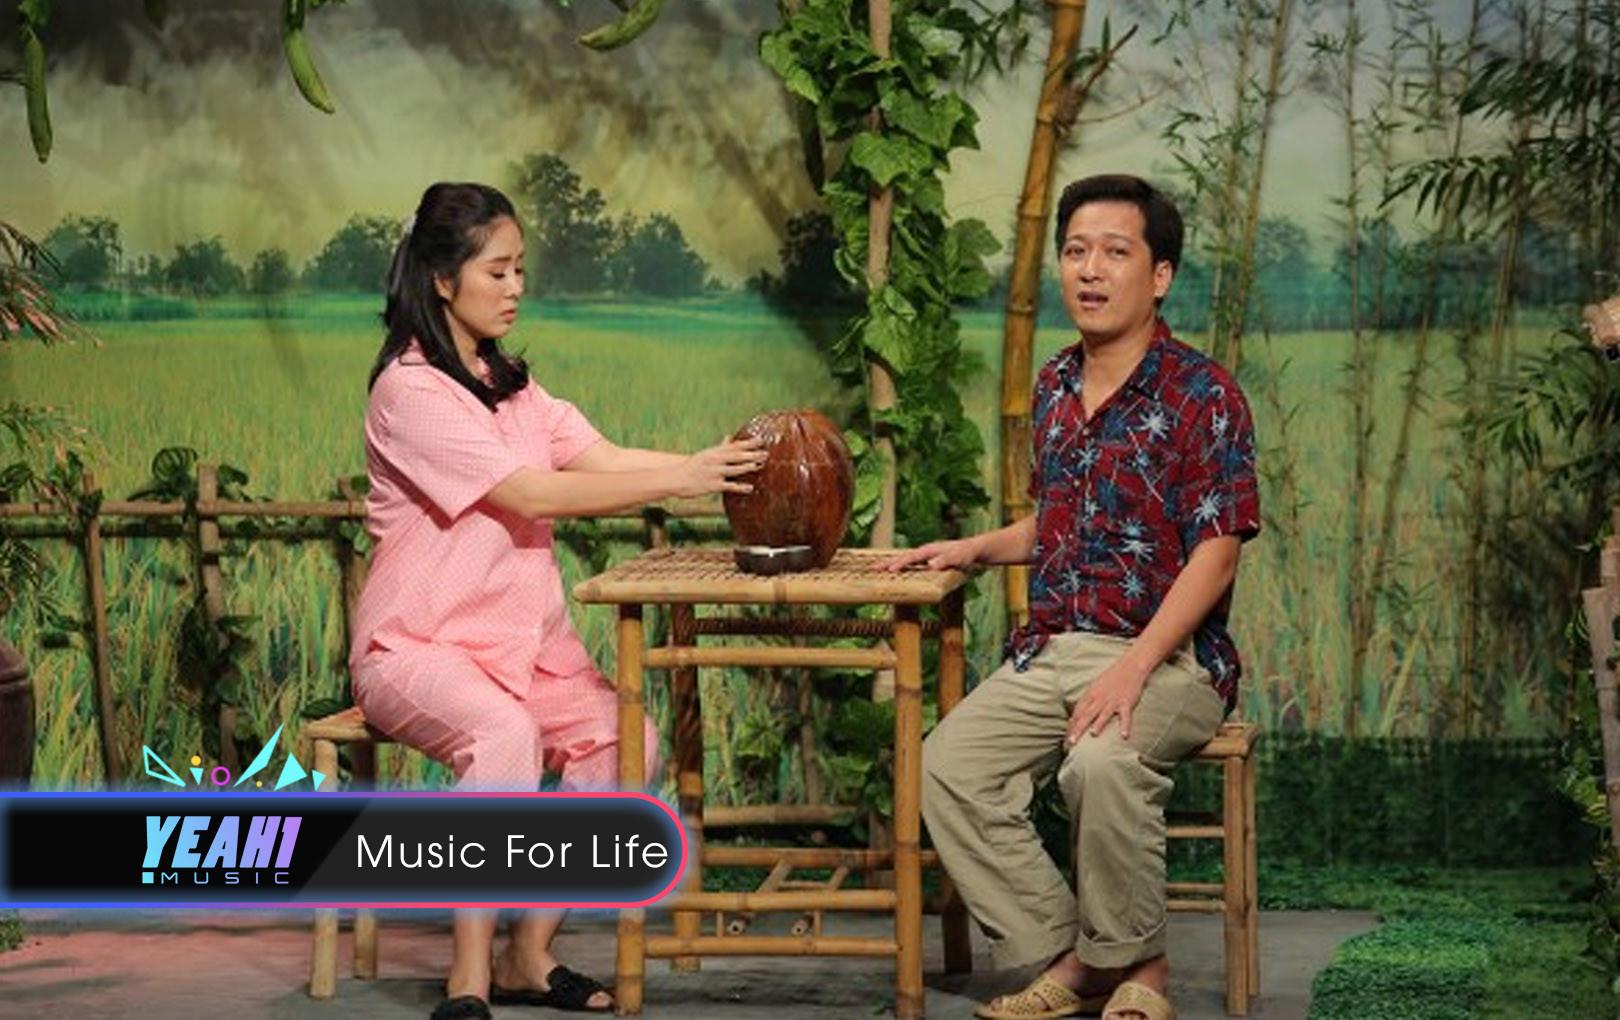 Trường Giang á khẩu khi bị Lê Phương đem lời cầu hôn với Nhã Phương ra chọc, đá xoáy chuyện lăng nhăng.